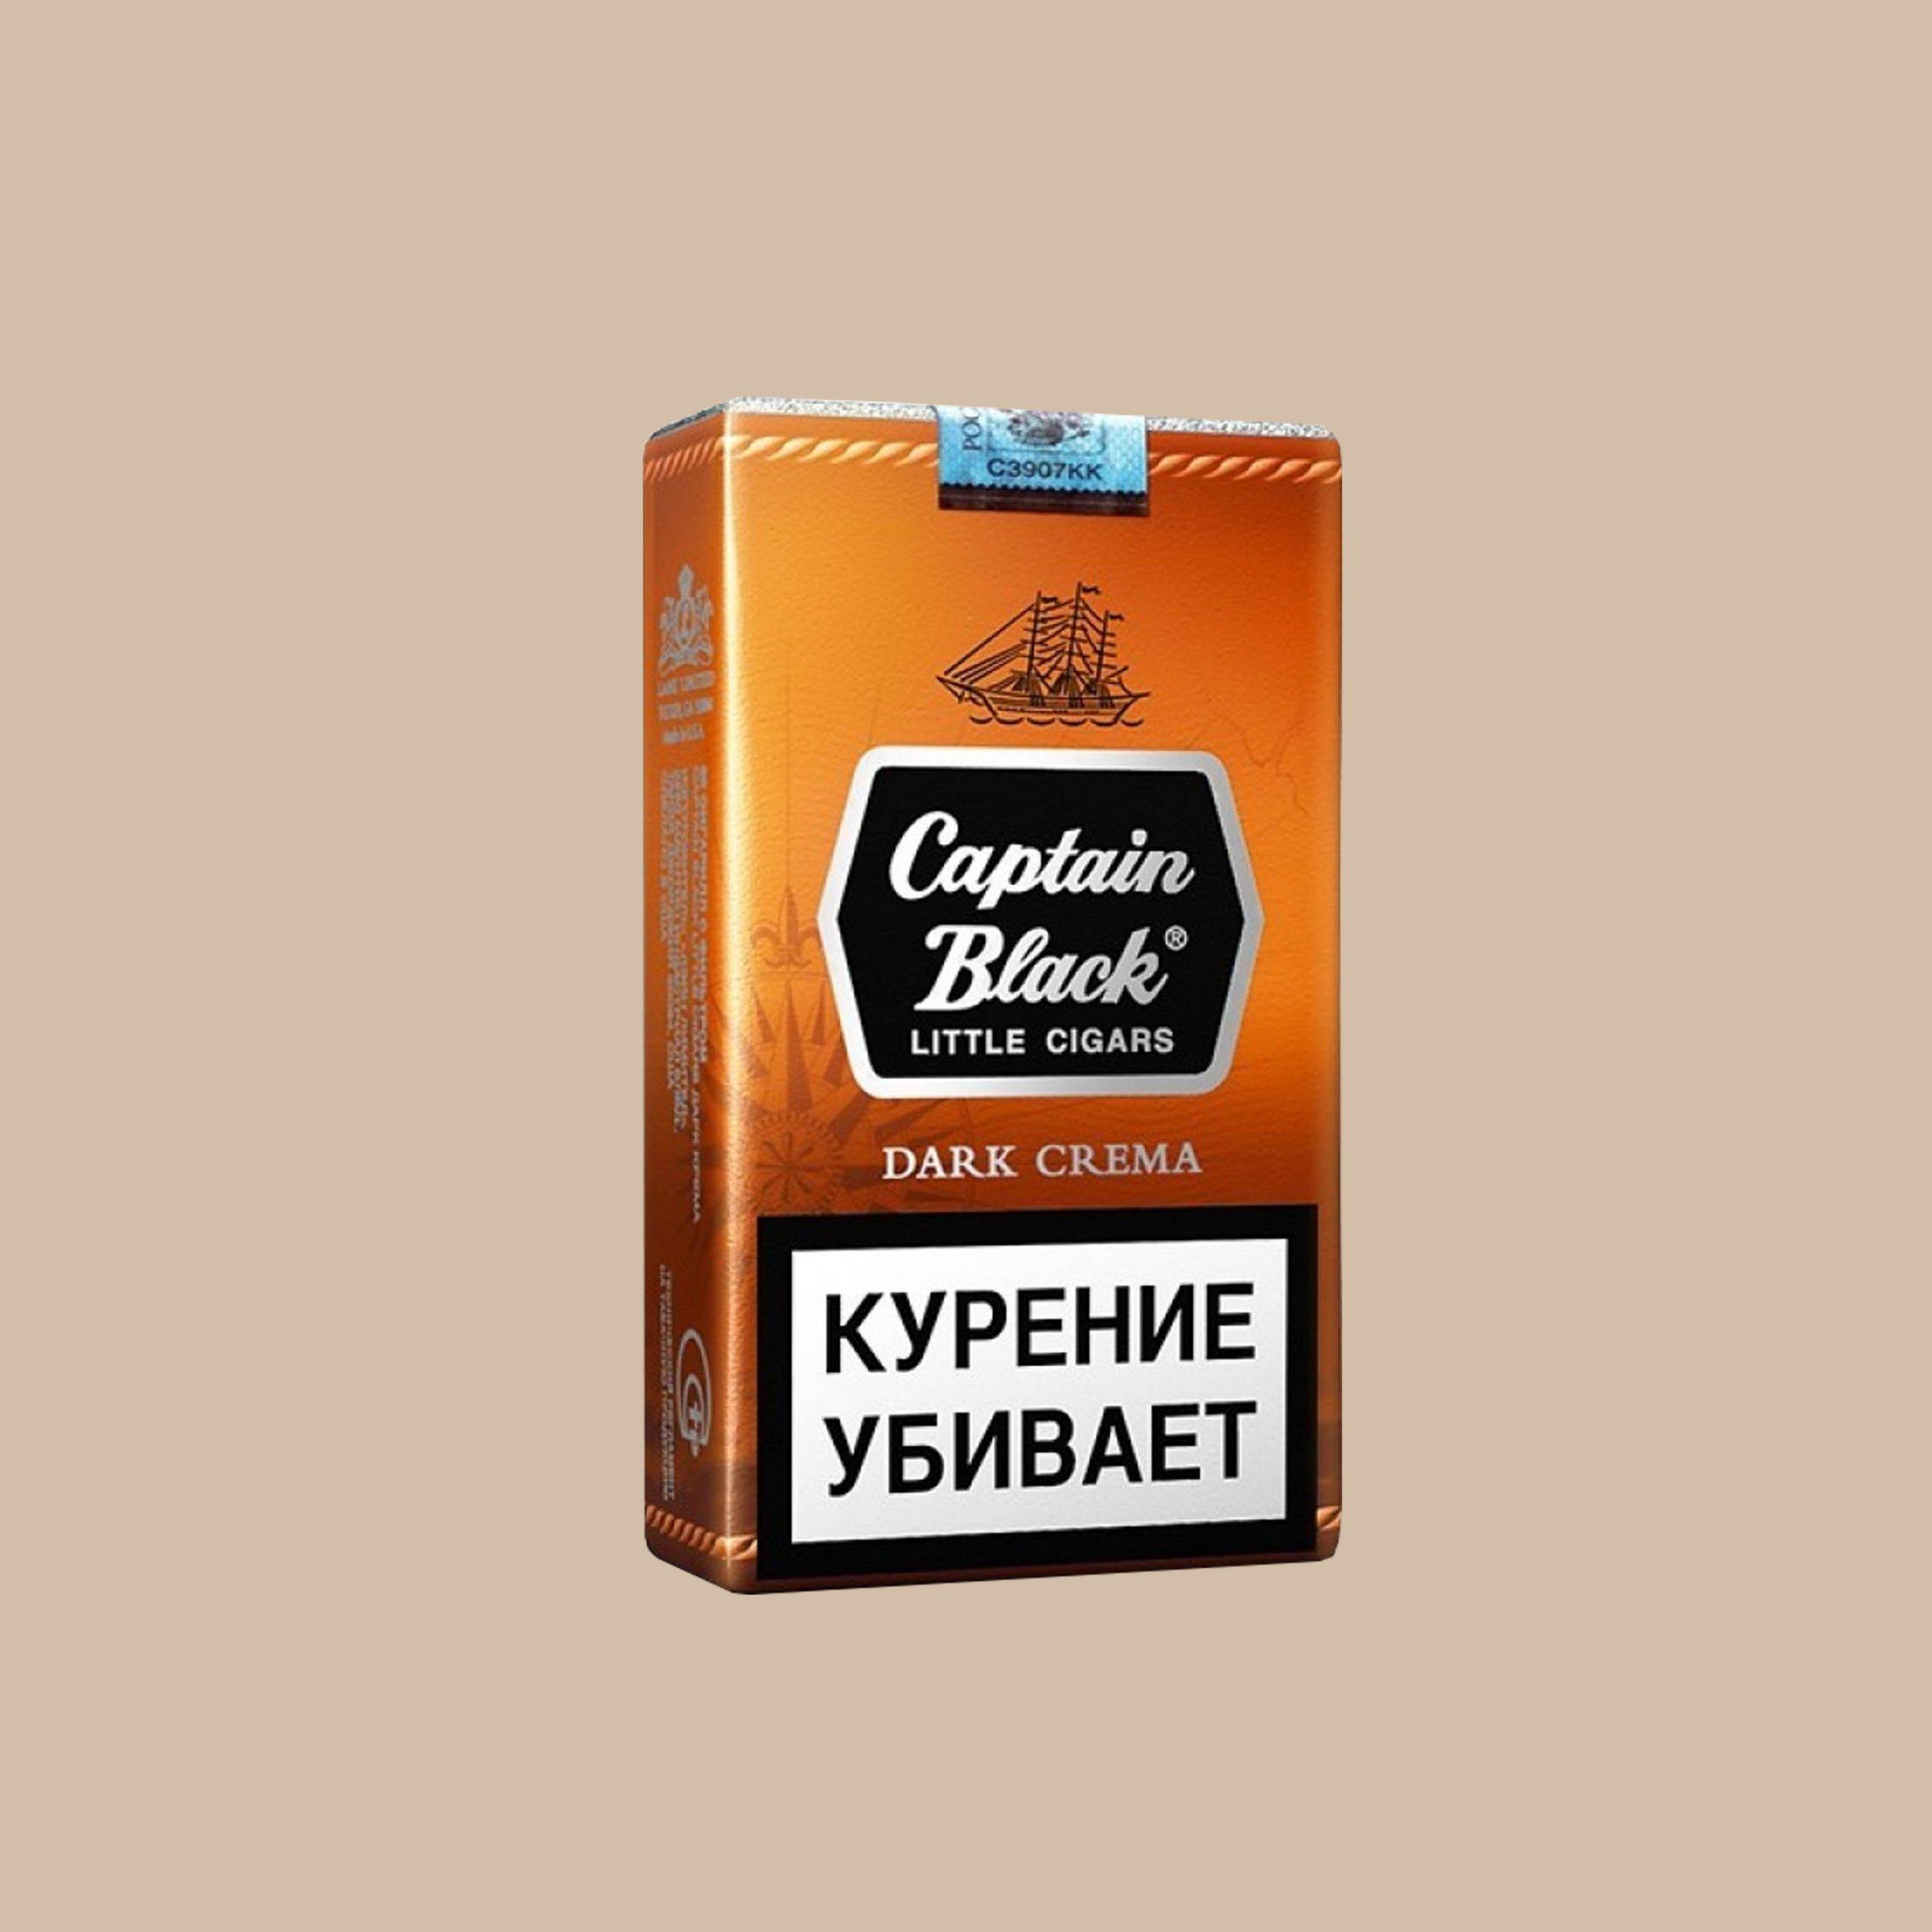 купить капитан блэк сигареты челябинск